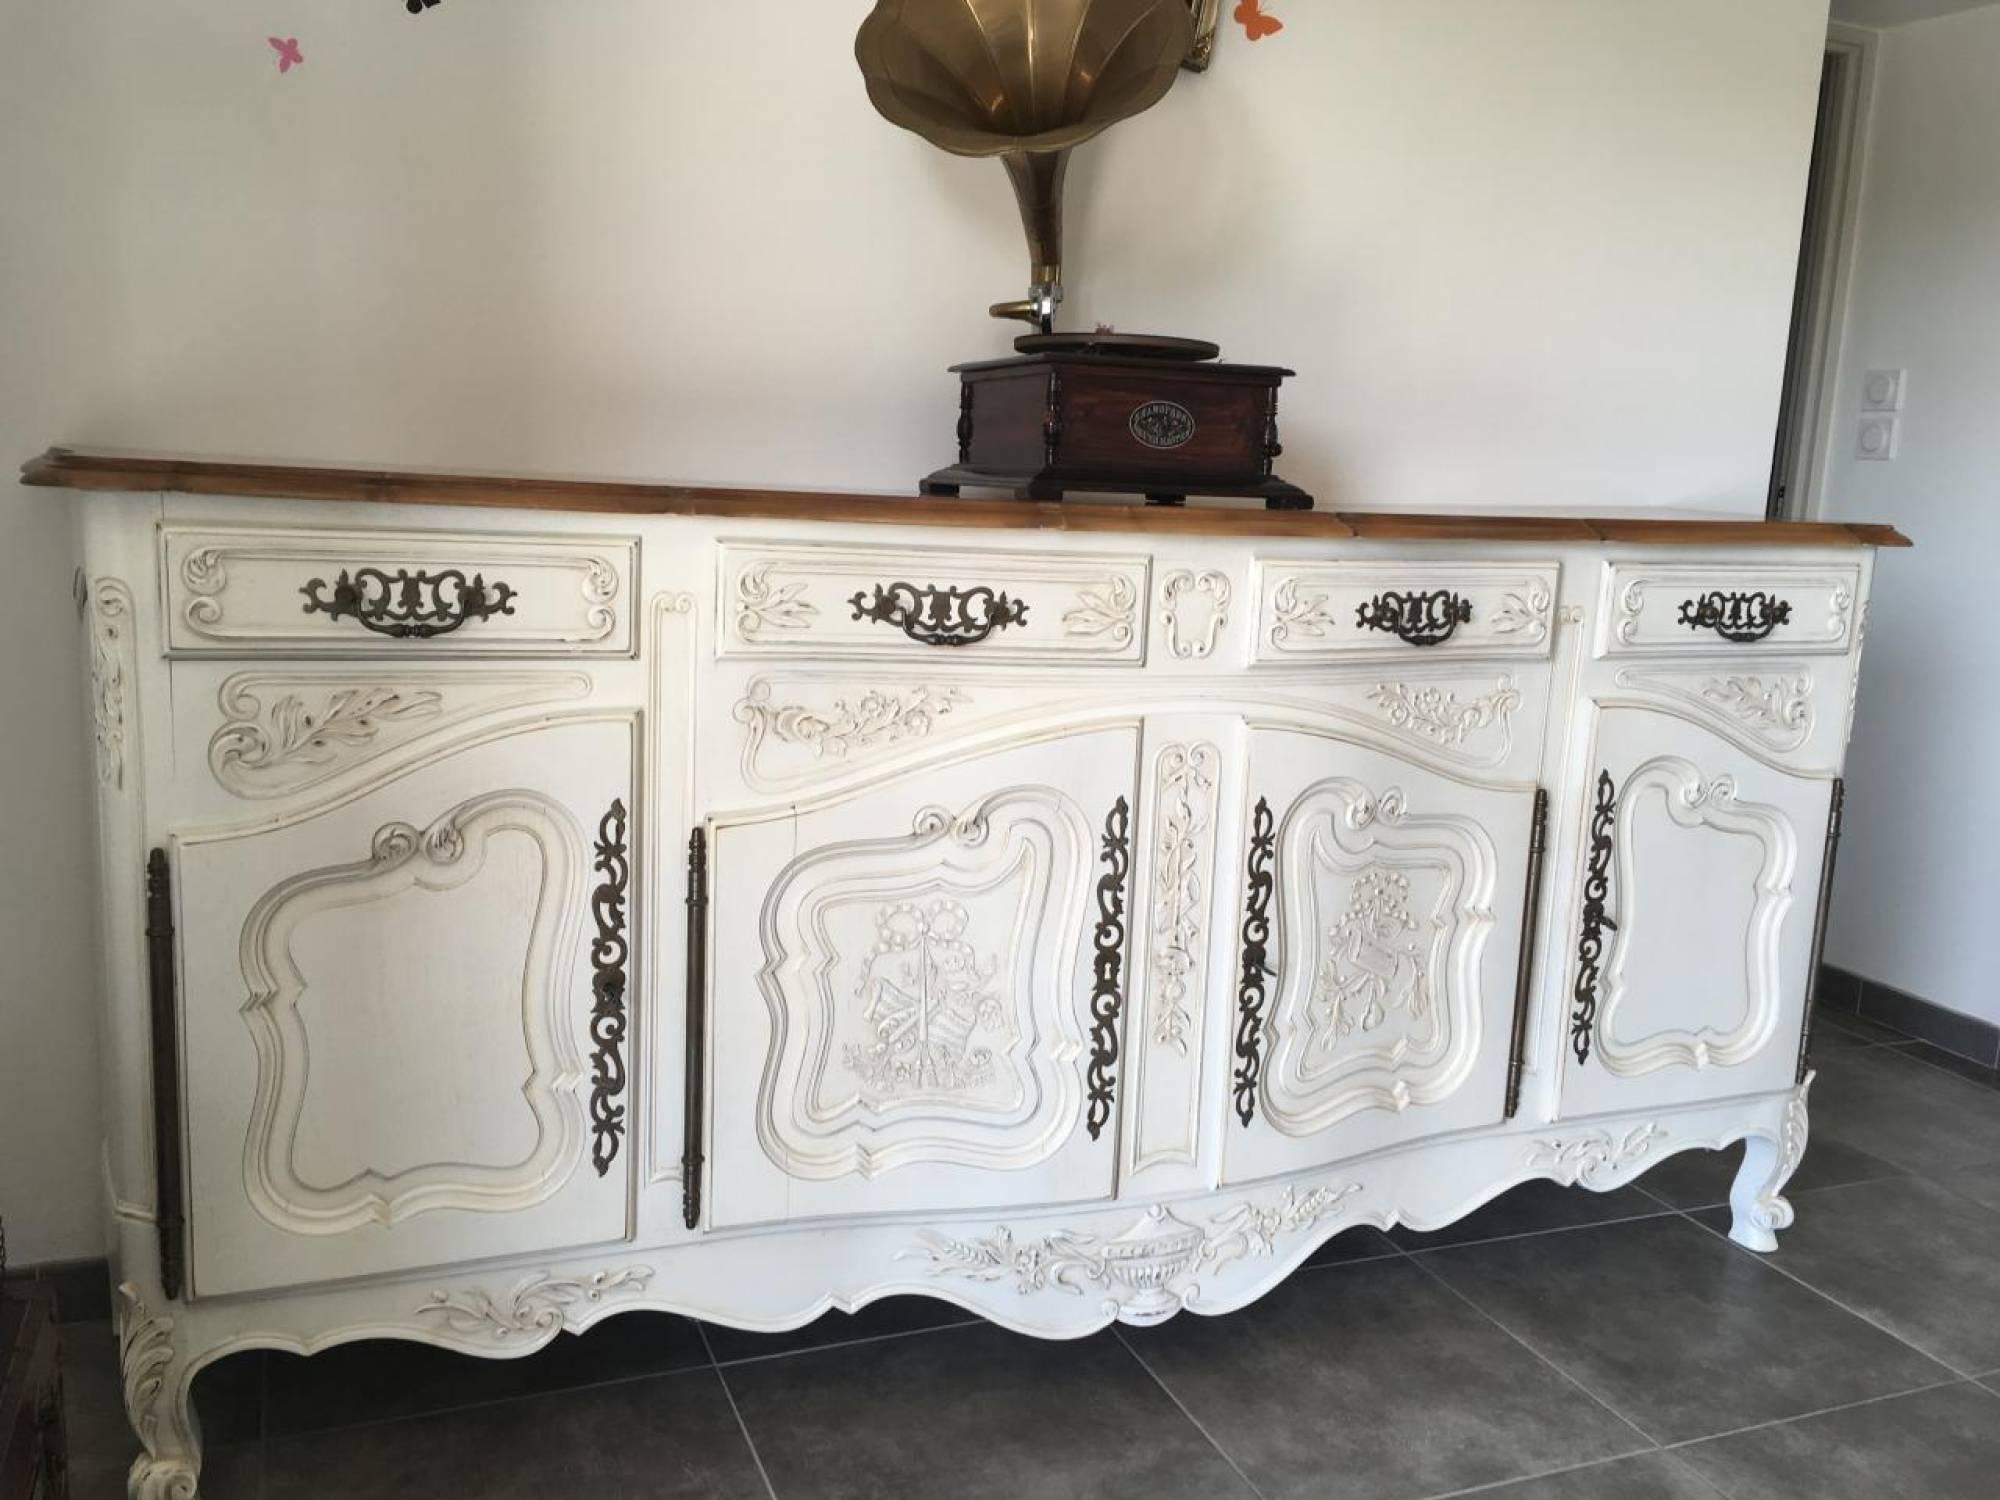 Bahut Et Table En Noyer Style Provencal Decapes Et Redecores A